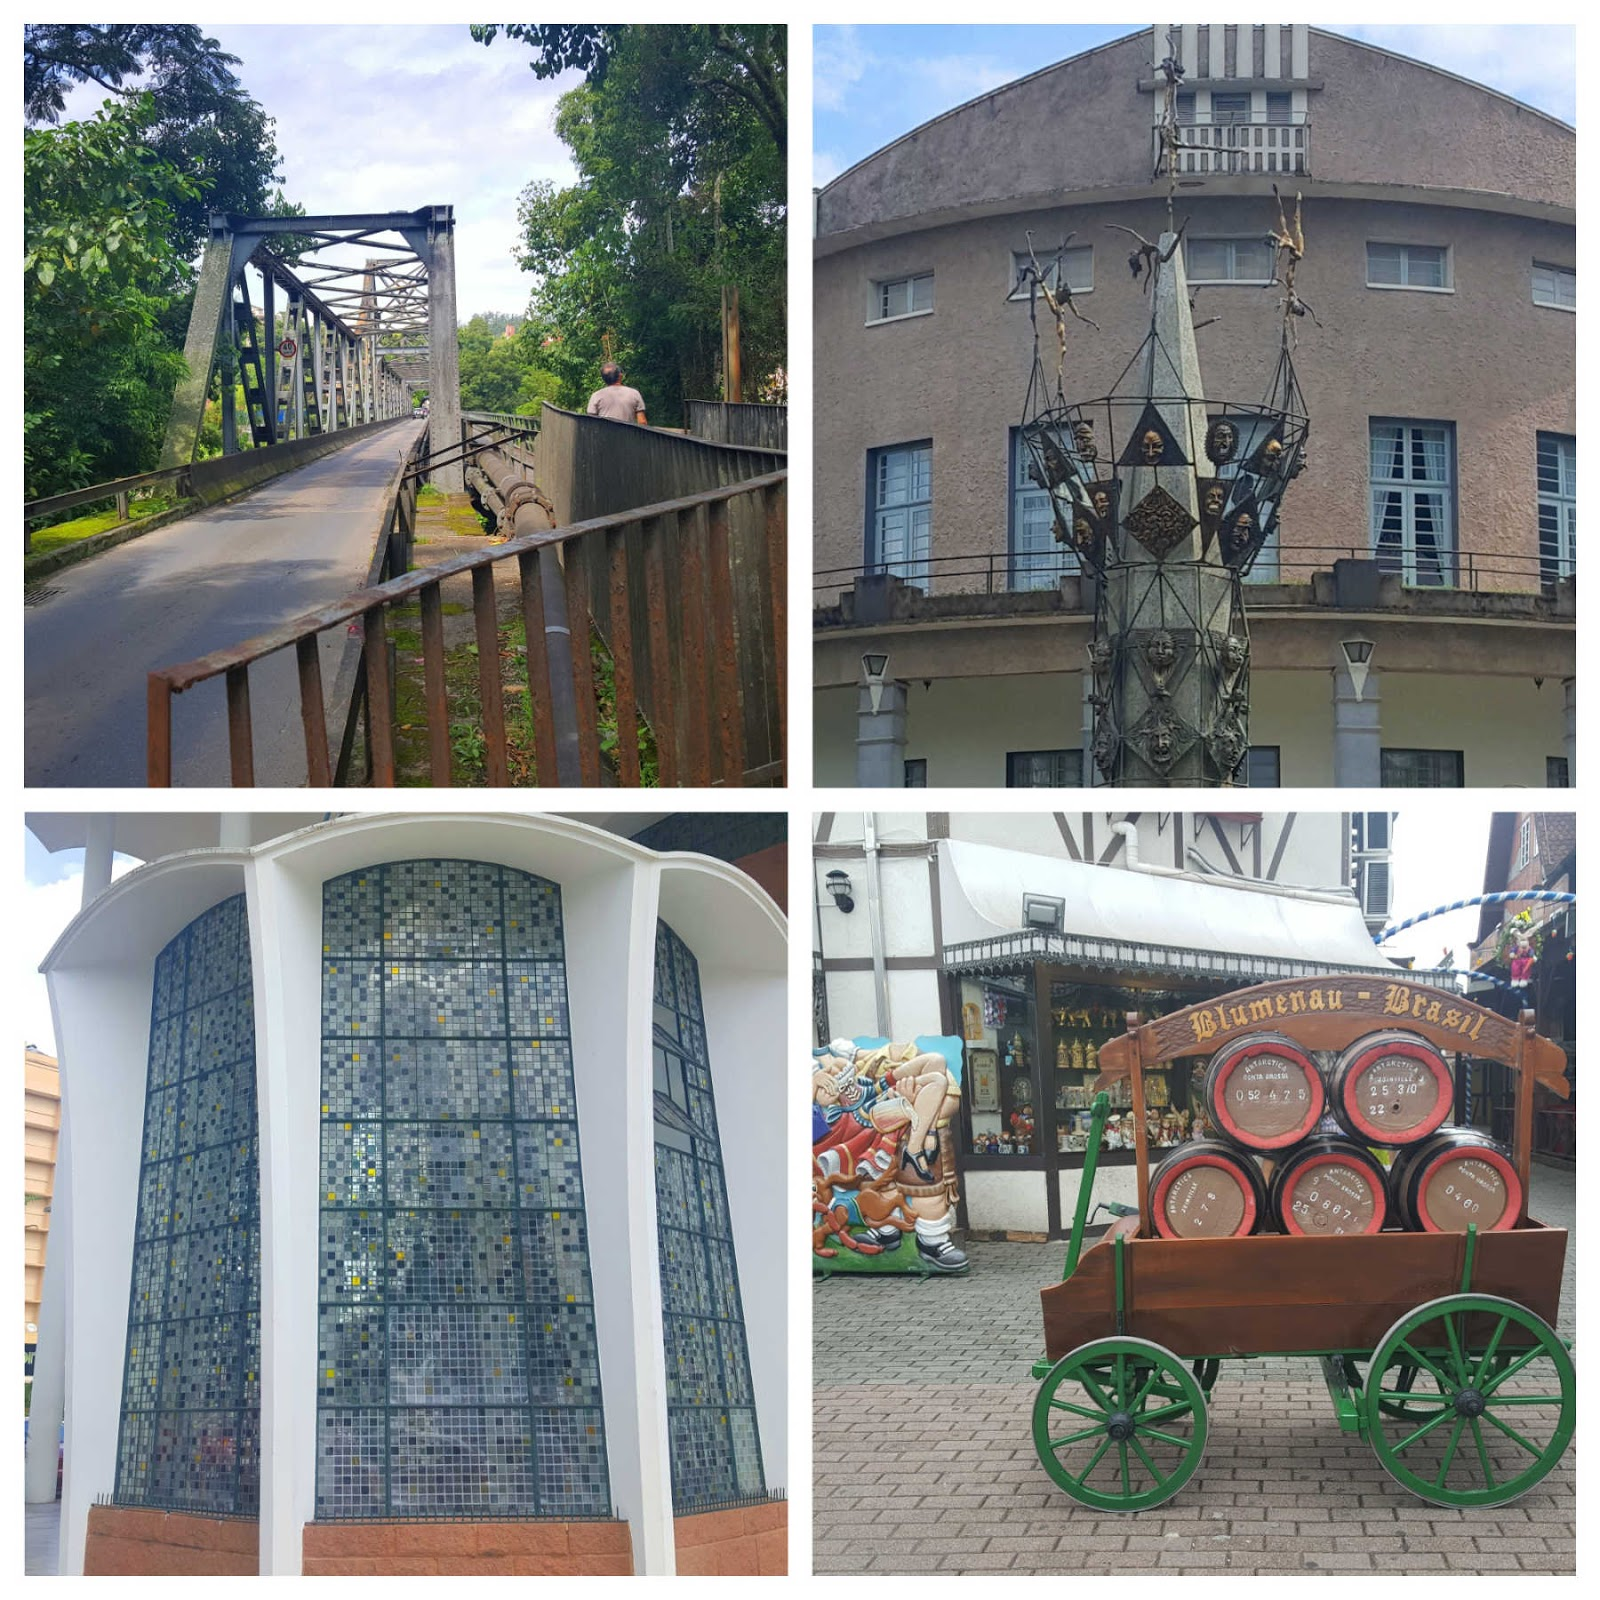 Blumenau, Santa Catarina